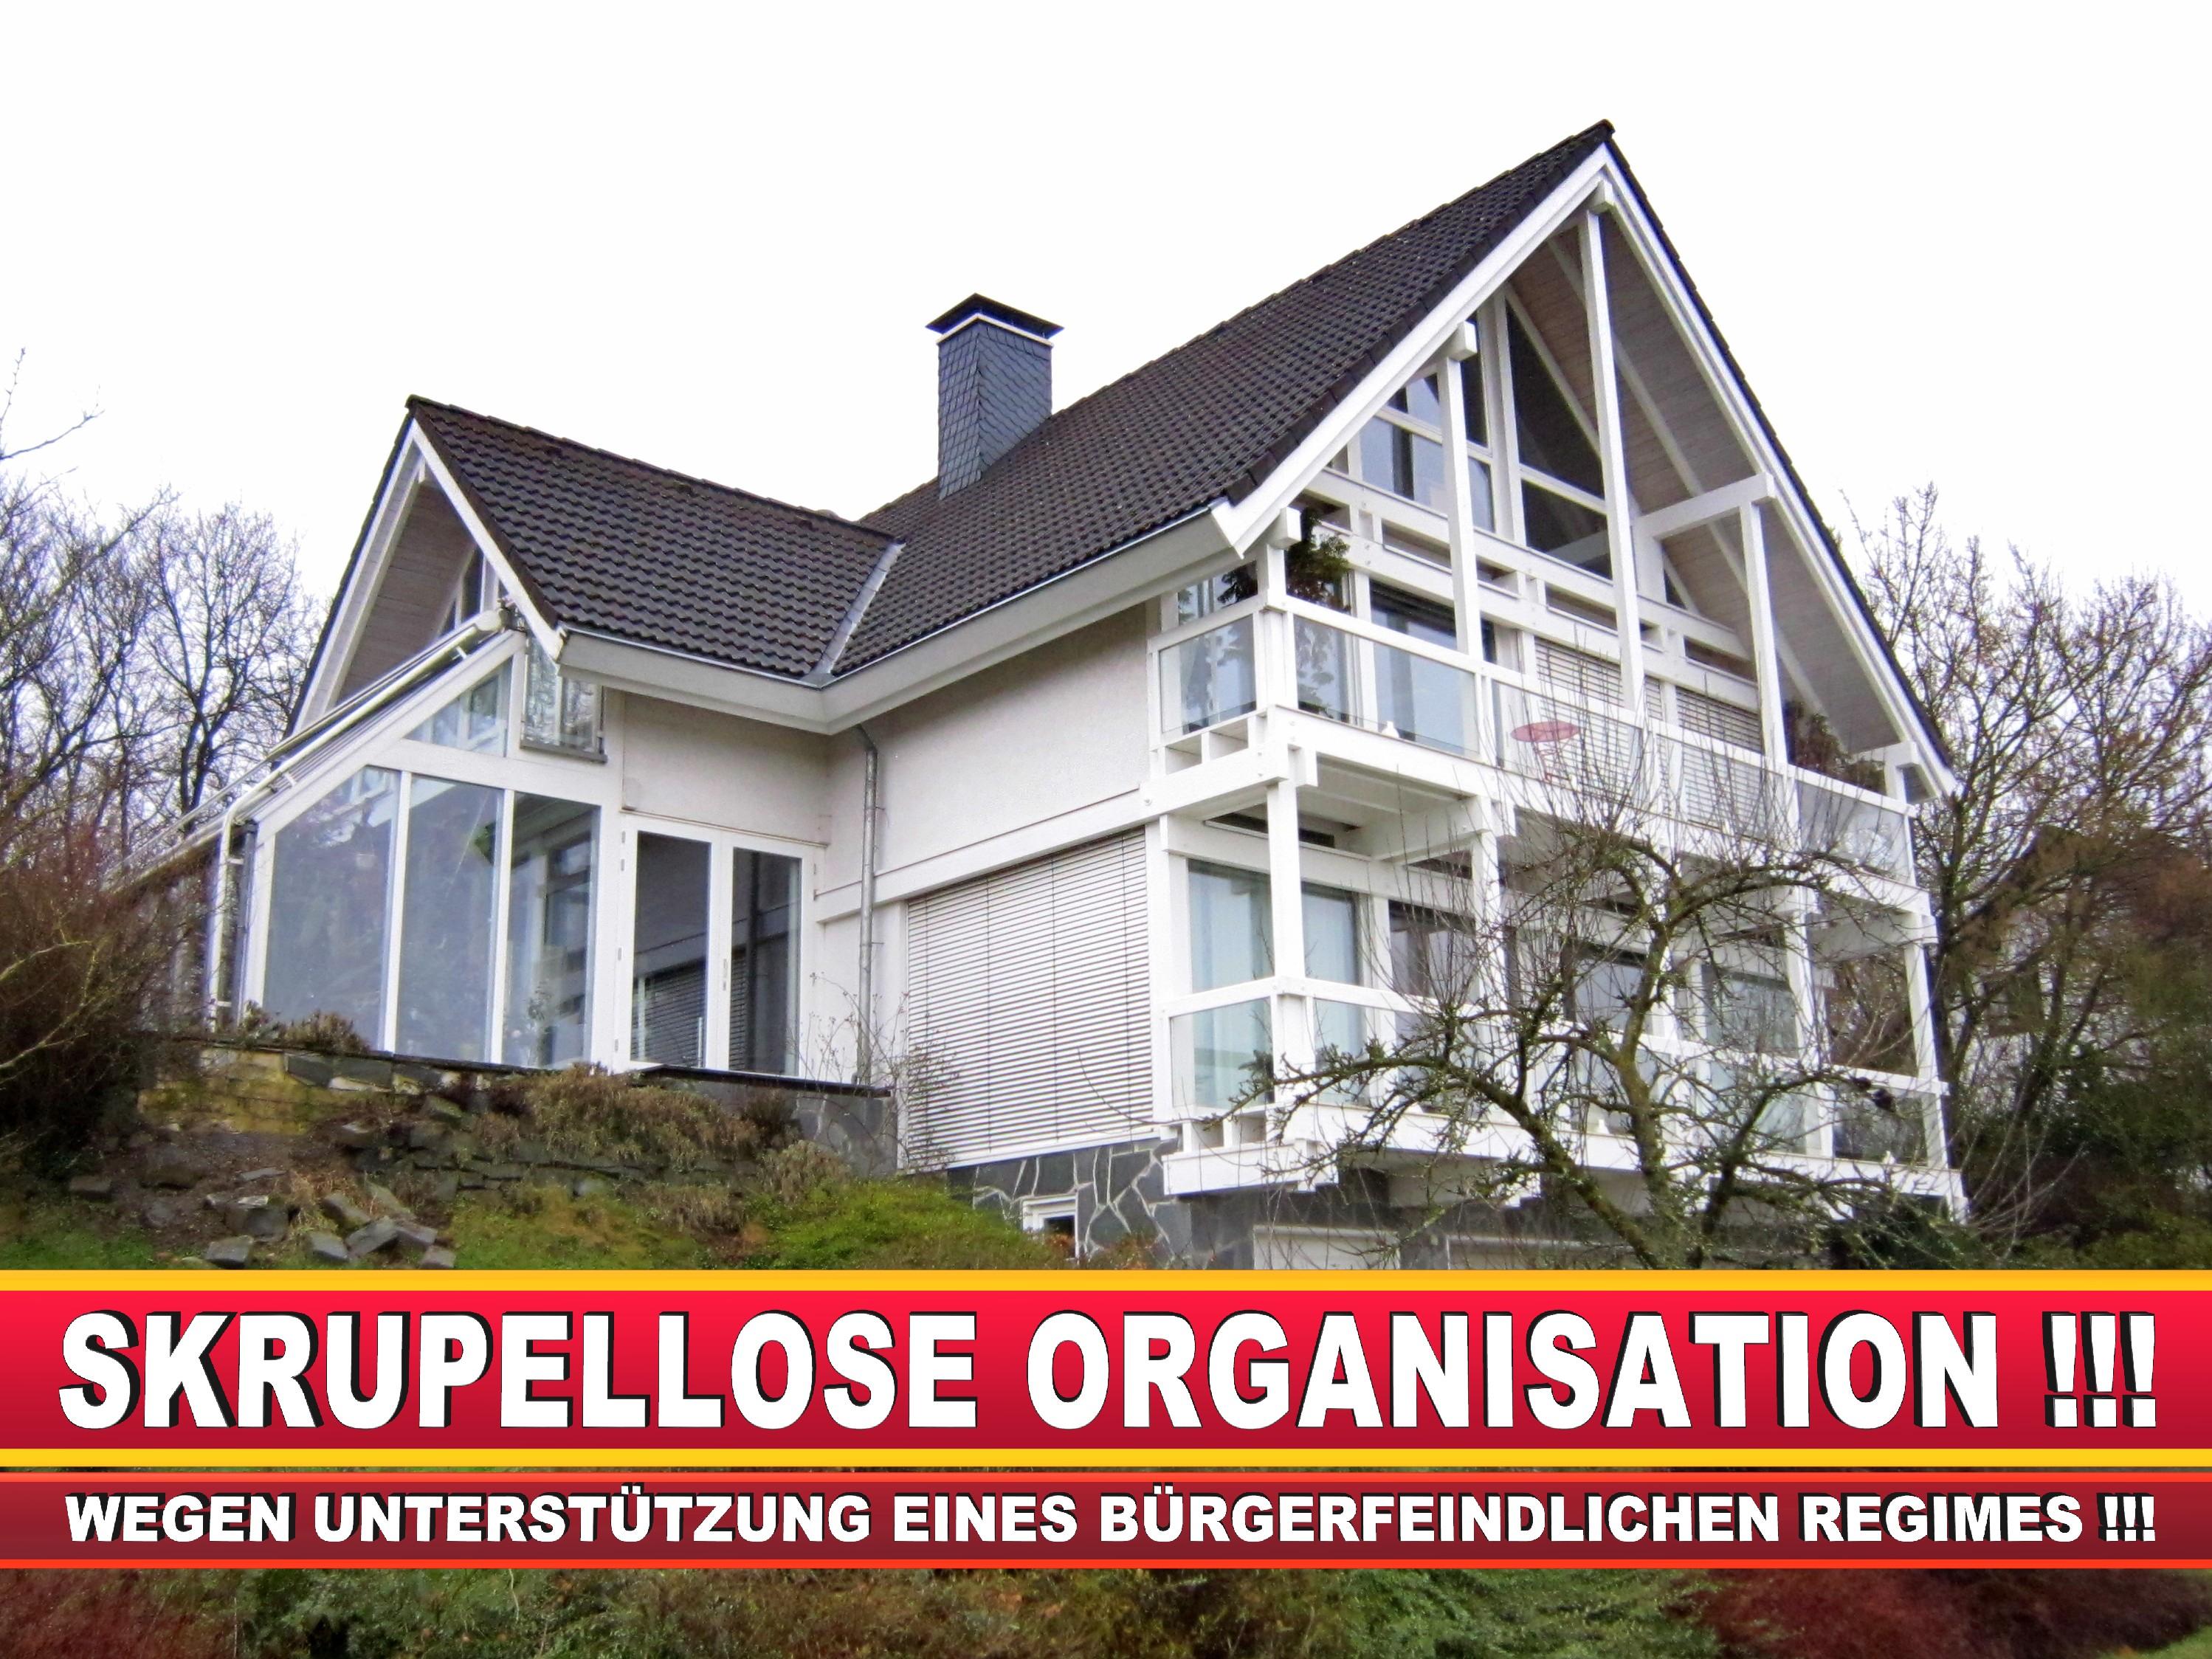 Jens Gnisa Justizversager Amtsgerichtsdirektor Bielefeld Totale Korruption In Bielefeld Privathaus Richterbund Richtervereinigung (2)